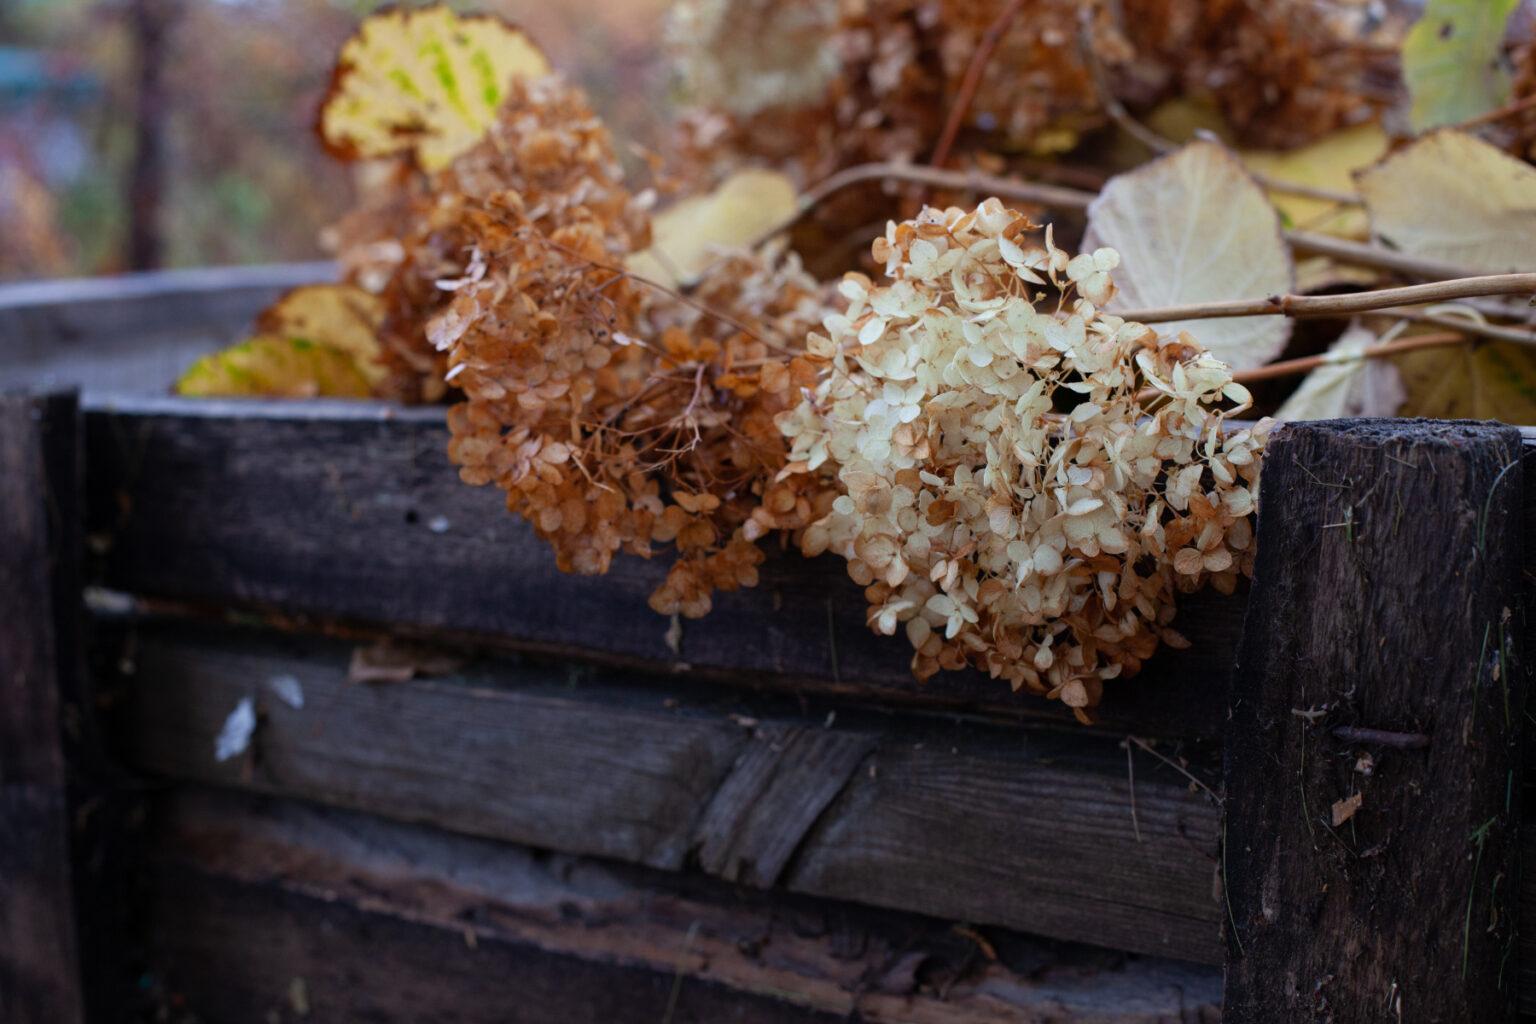 dead flowers in compost bin